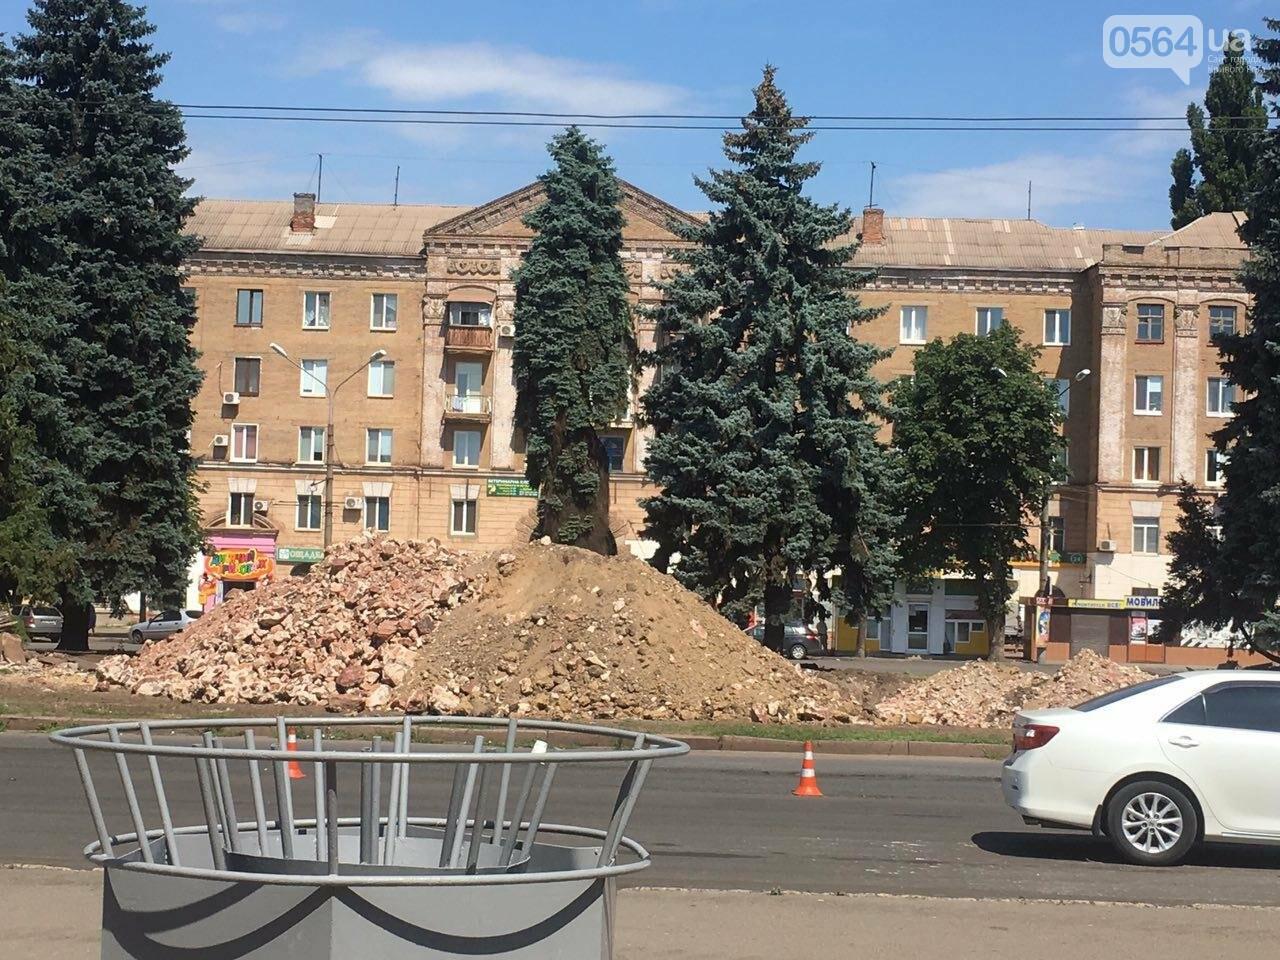 В Кривом Роге готовят площадь для установки памятника Киевскому князю Владимиру Великому, - ФОТО, фото-19